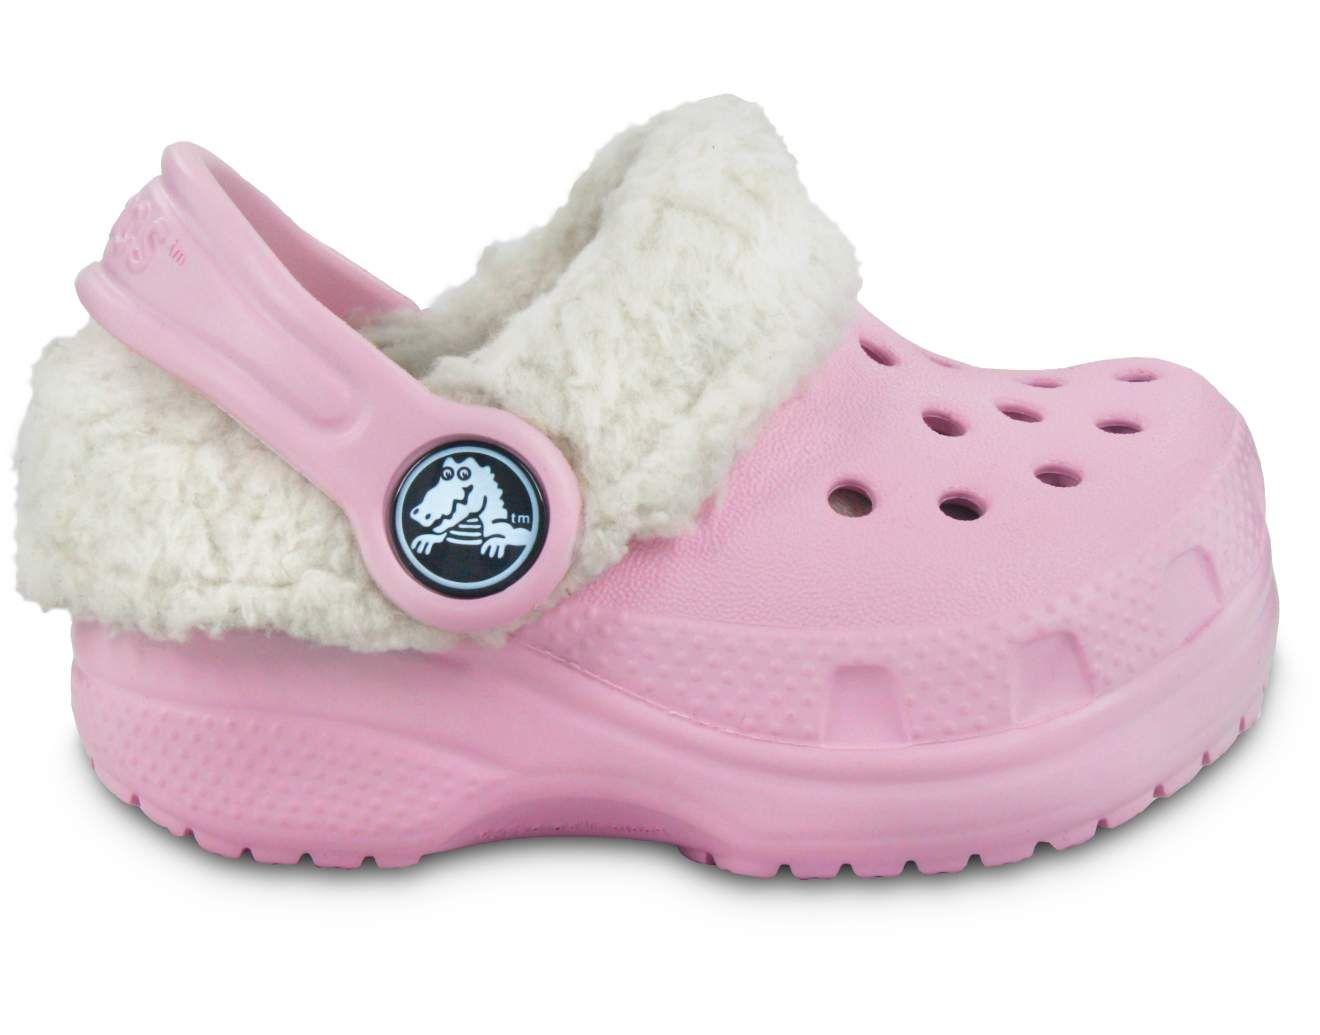 Kids' Crocs Littles™ Mammoth | Comfortable Kids' Winter Clogs | Crocs™ Official Site